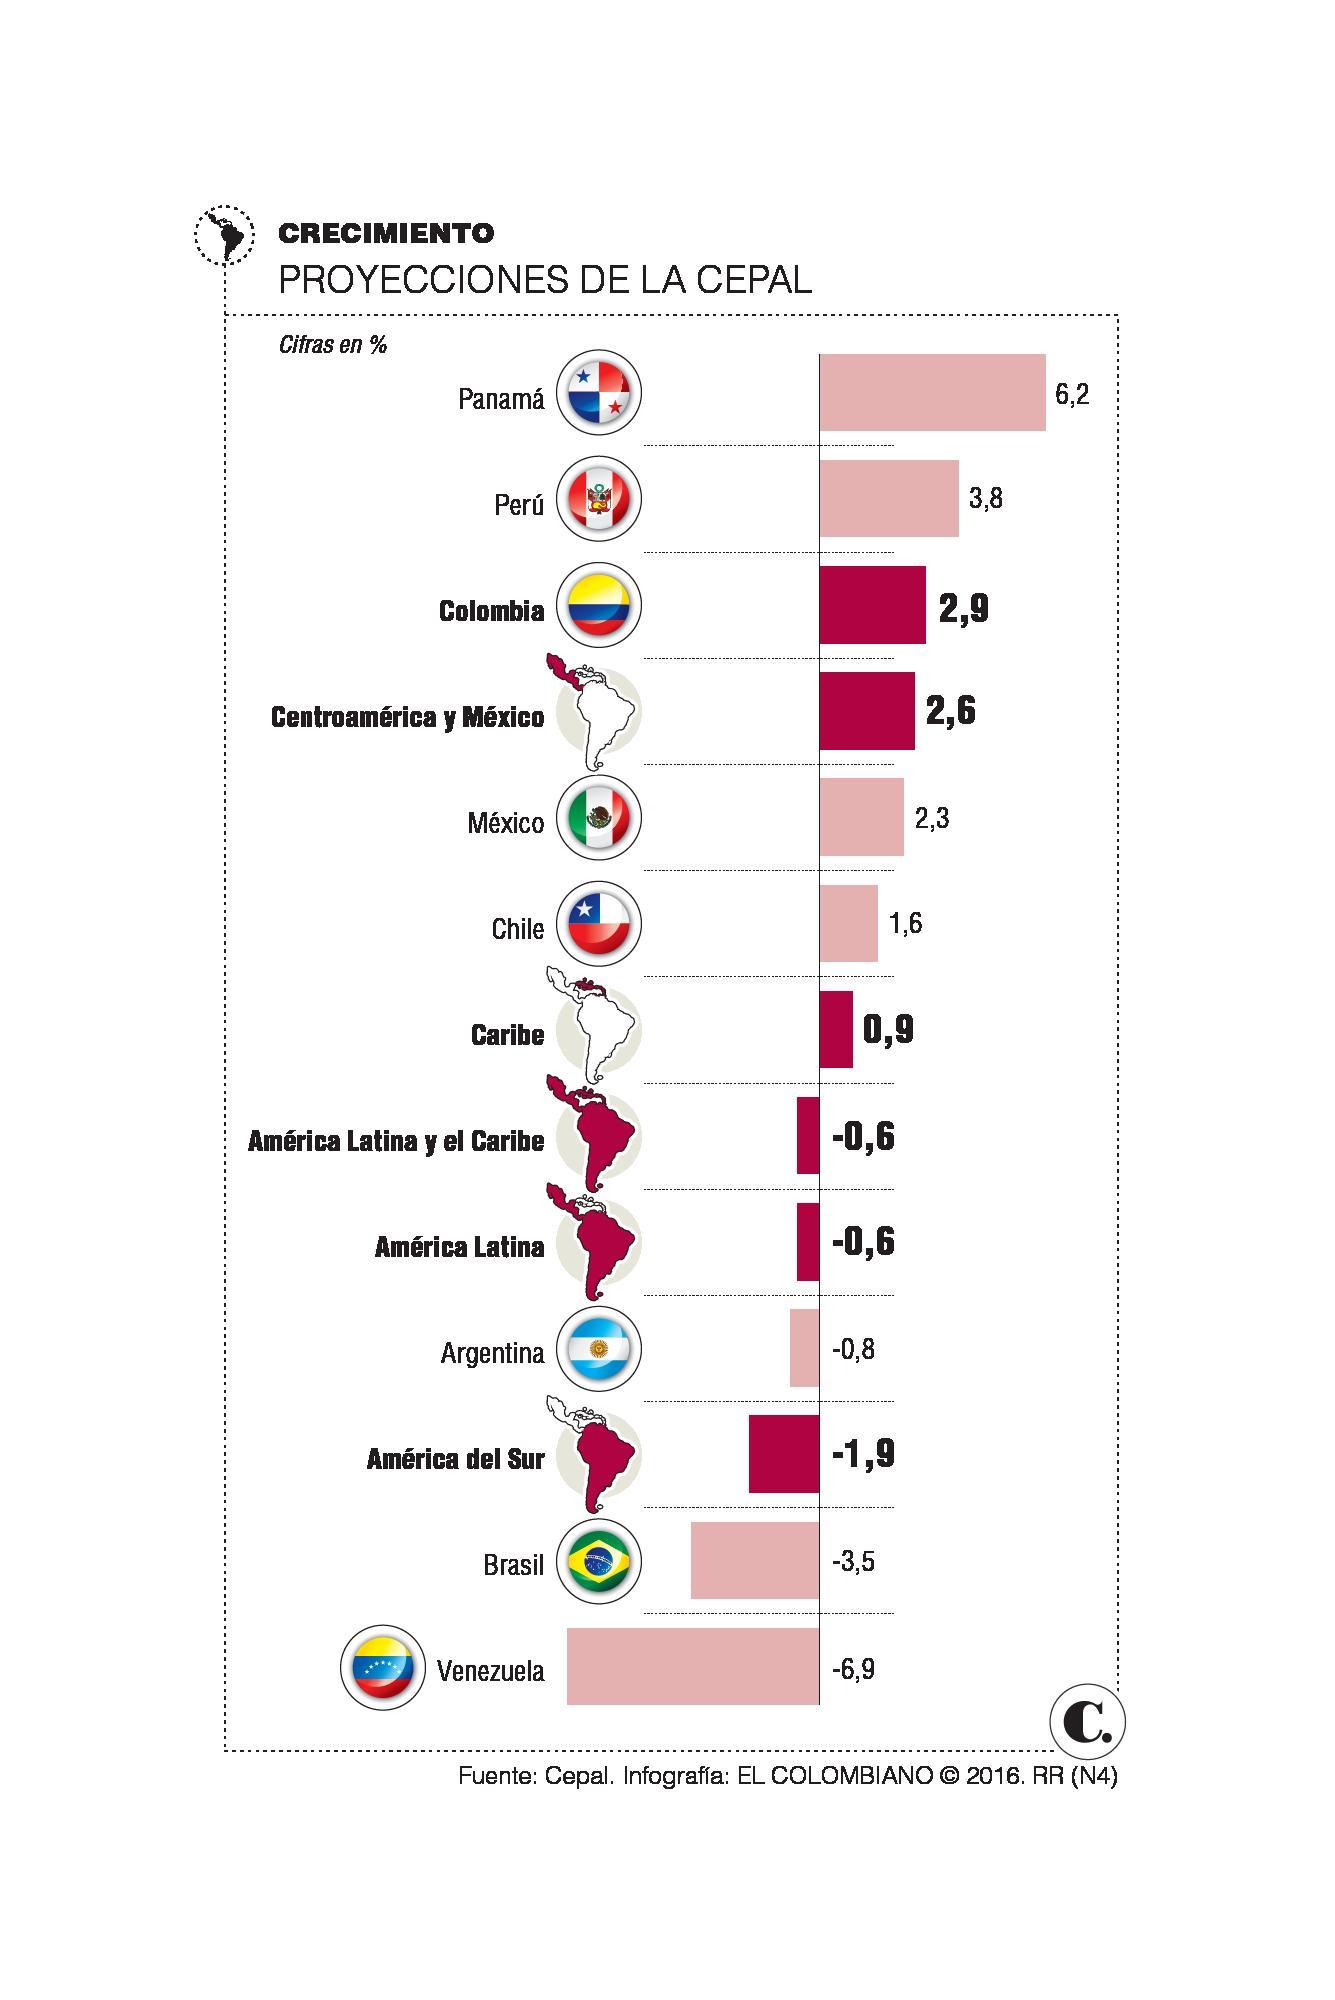 Cepal prevé contracción de la economía latinoamericana en 2016